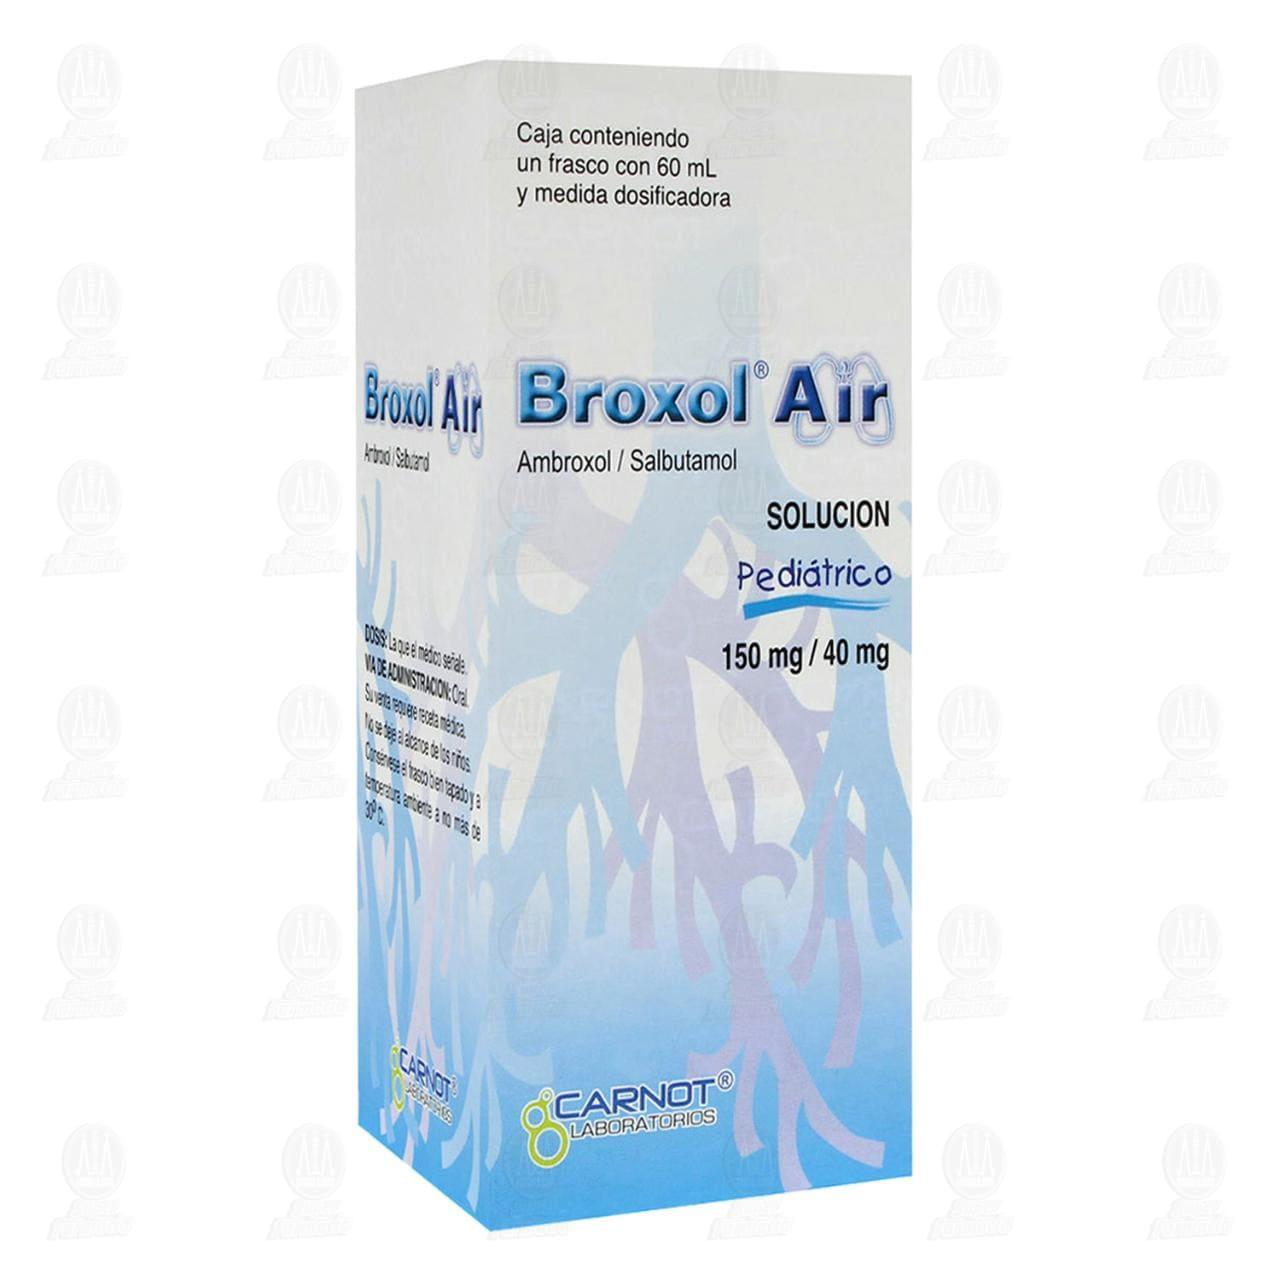 Comprar Broxol Air Solución Pediátrico150mg/40mg 60ml en Farmacias Guadalajara